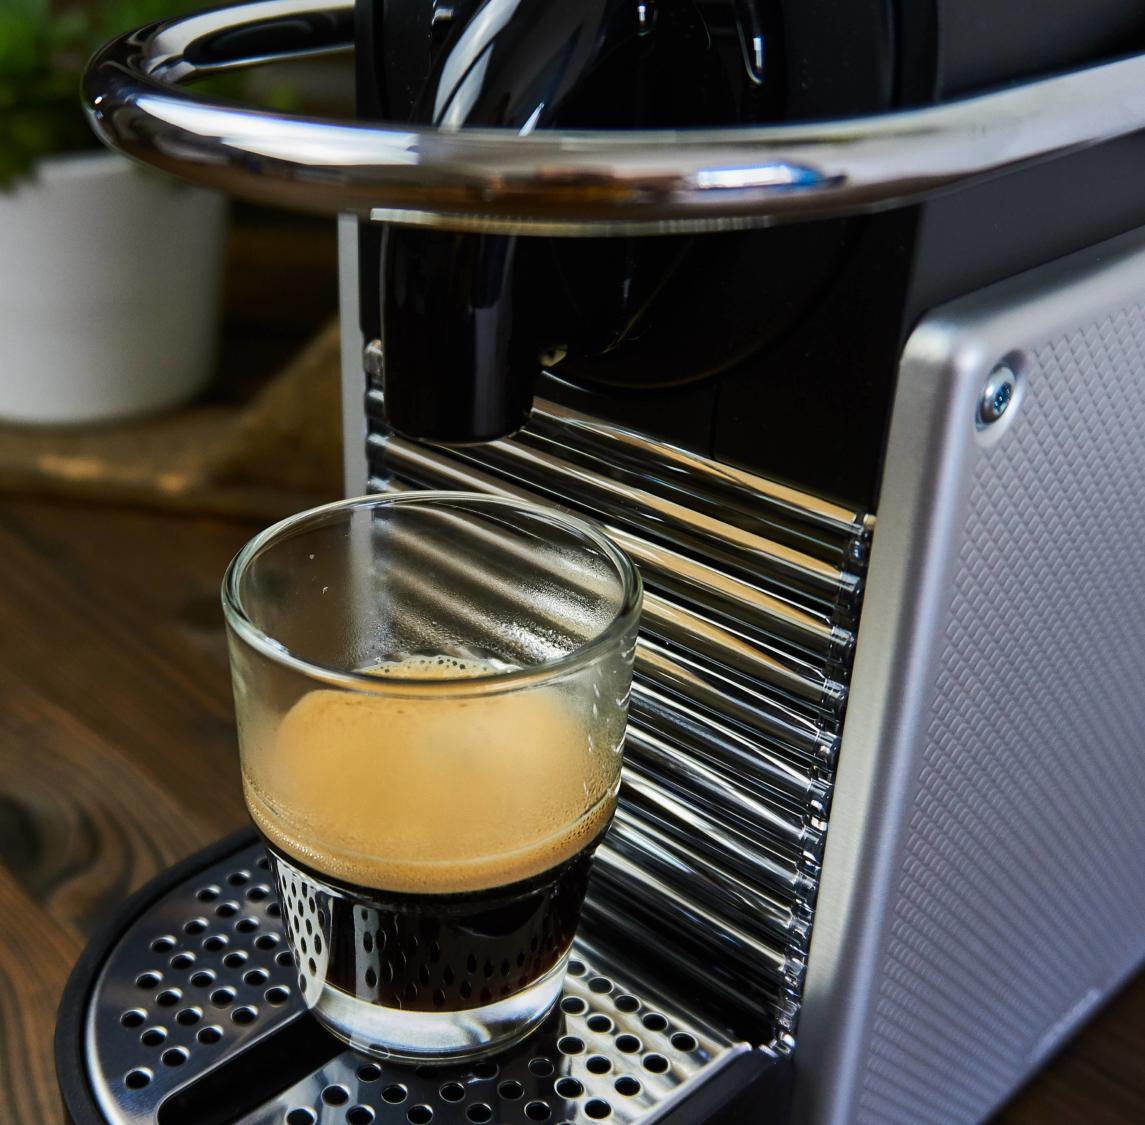 ᐅ Großer Nespresso Maschinen Test ᐅ Echte Testberichte Pro Contra